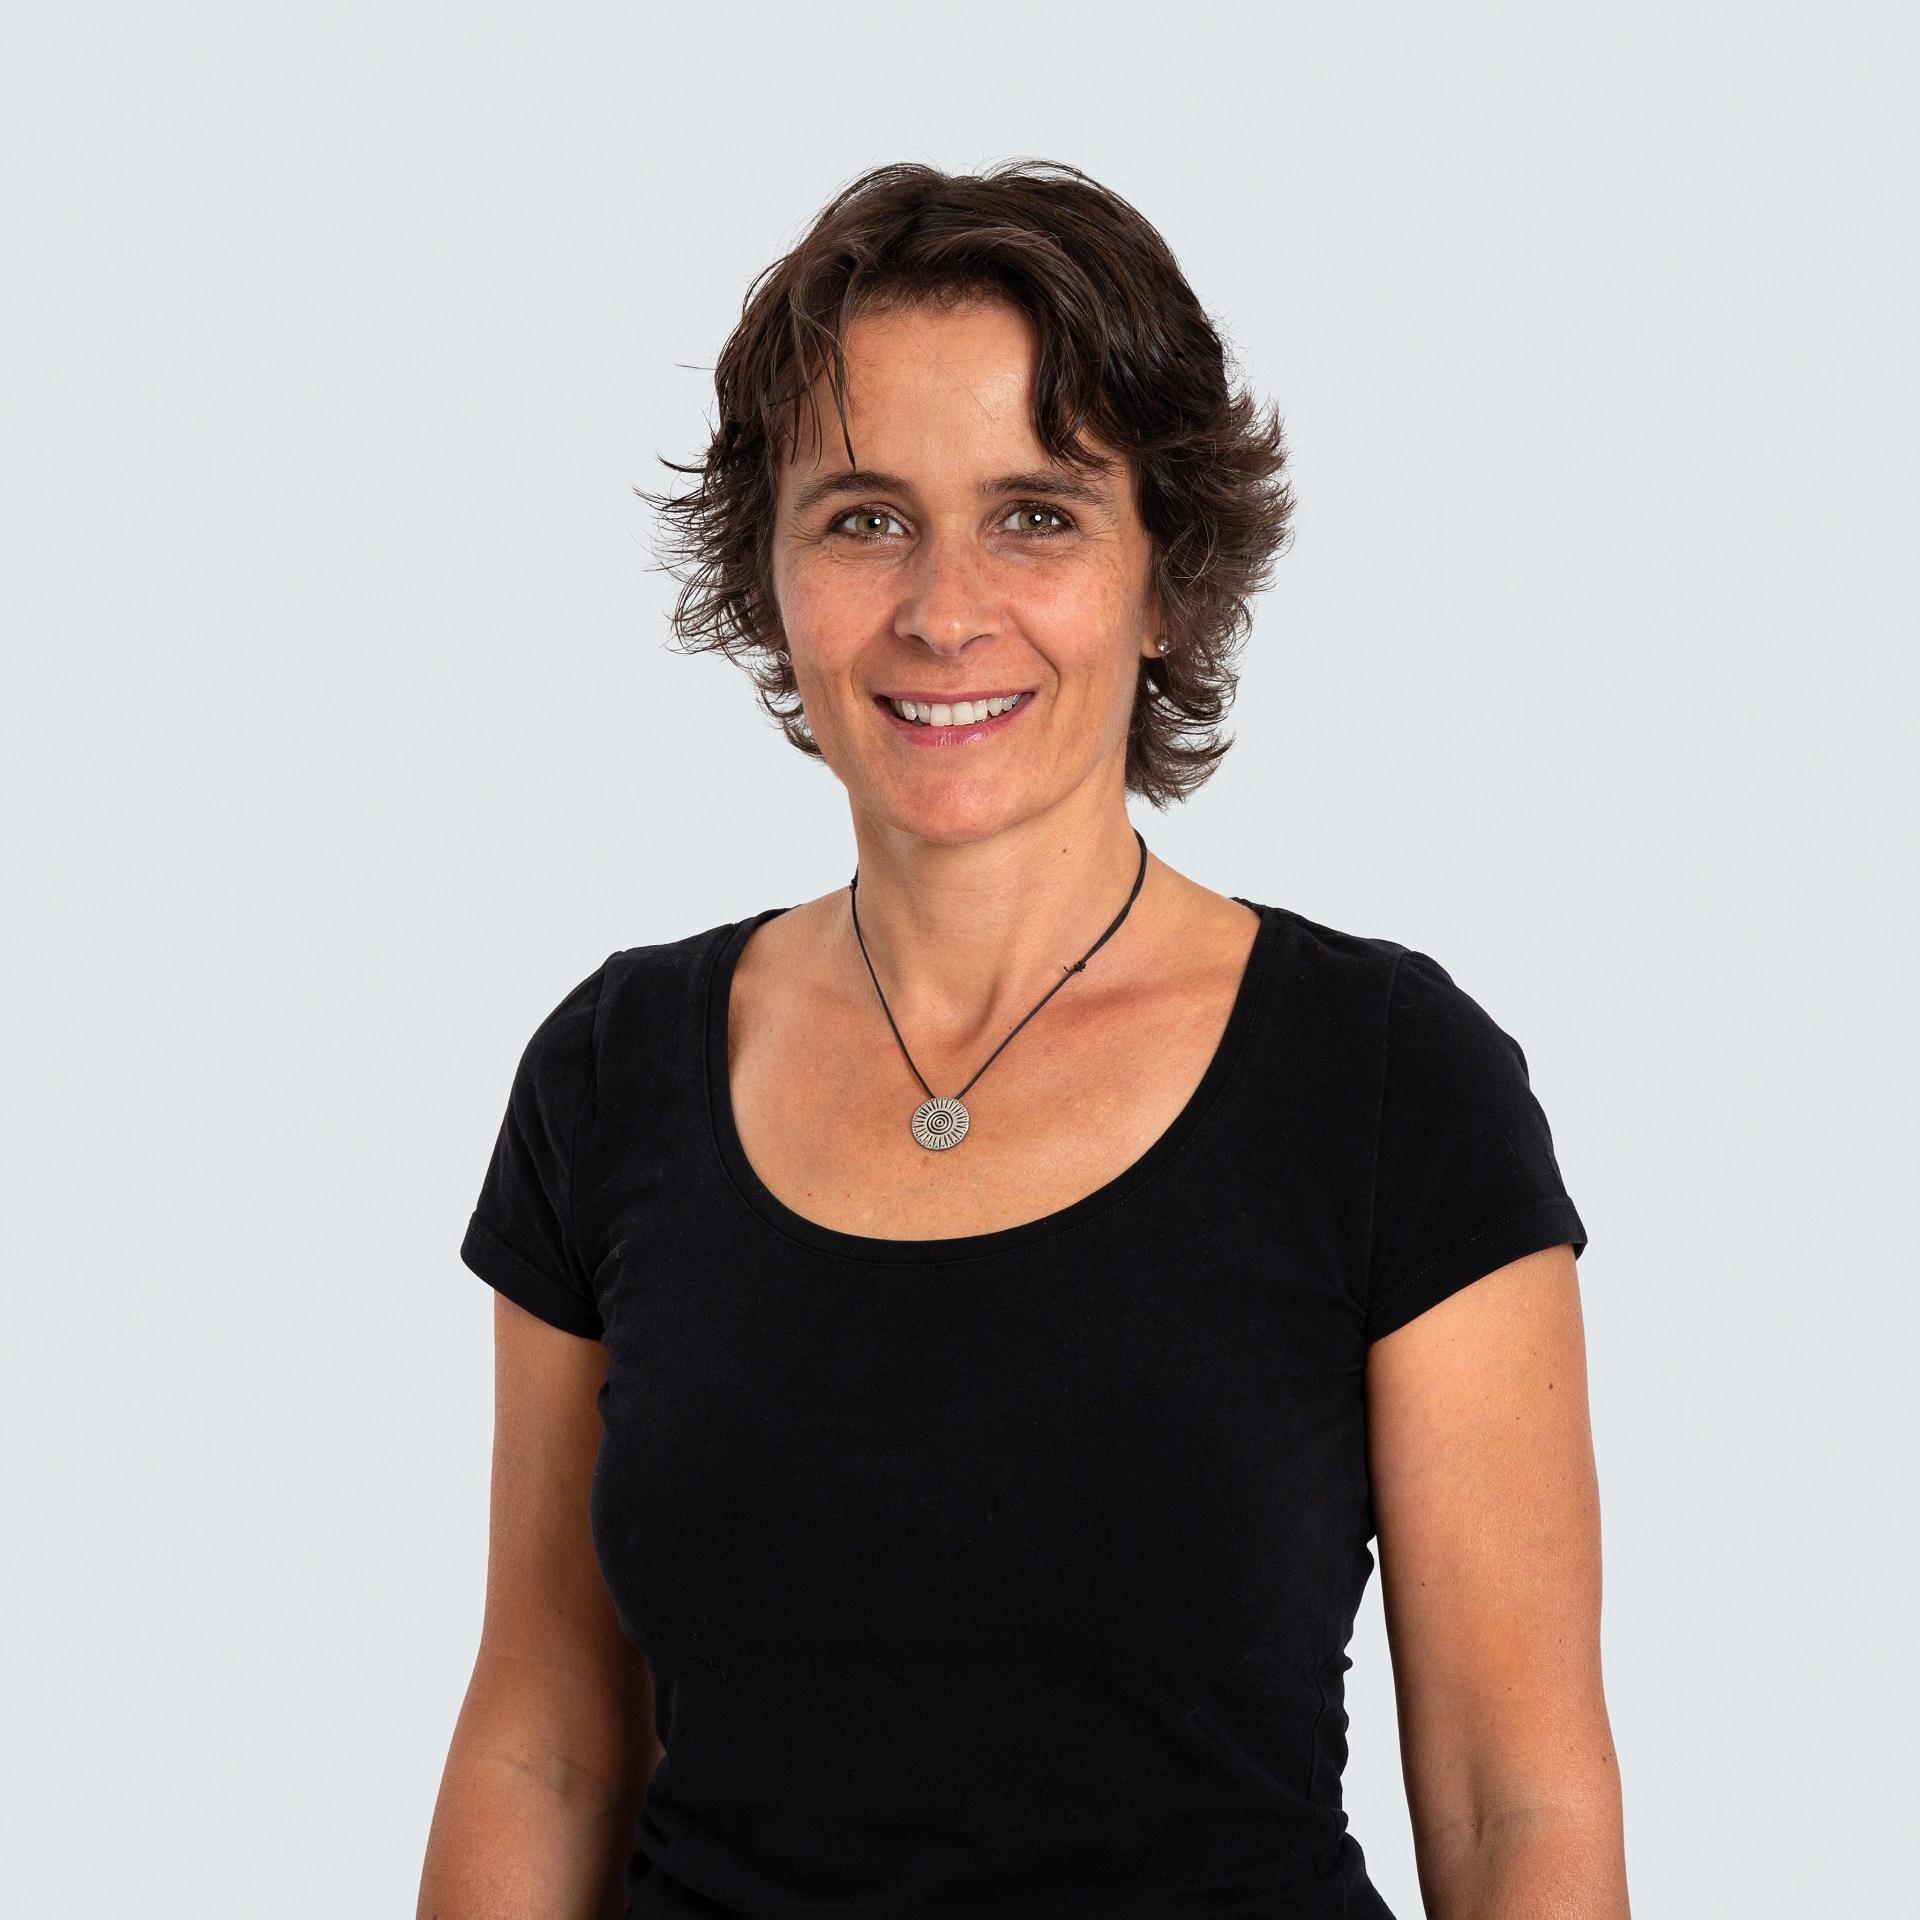 Rosemarie Pirisinu